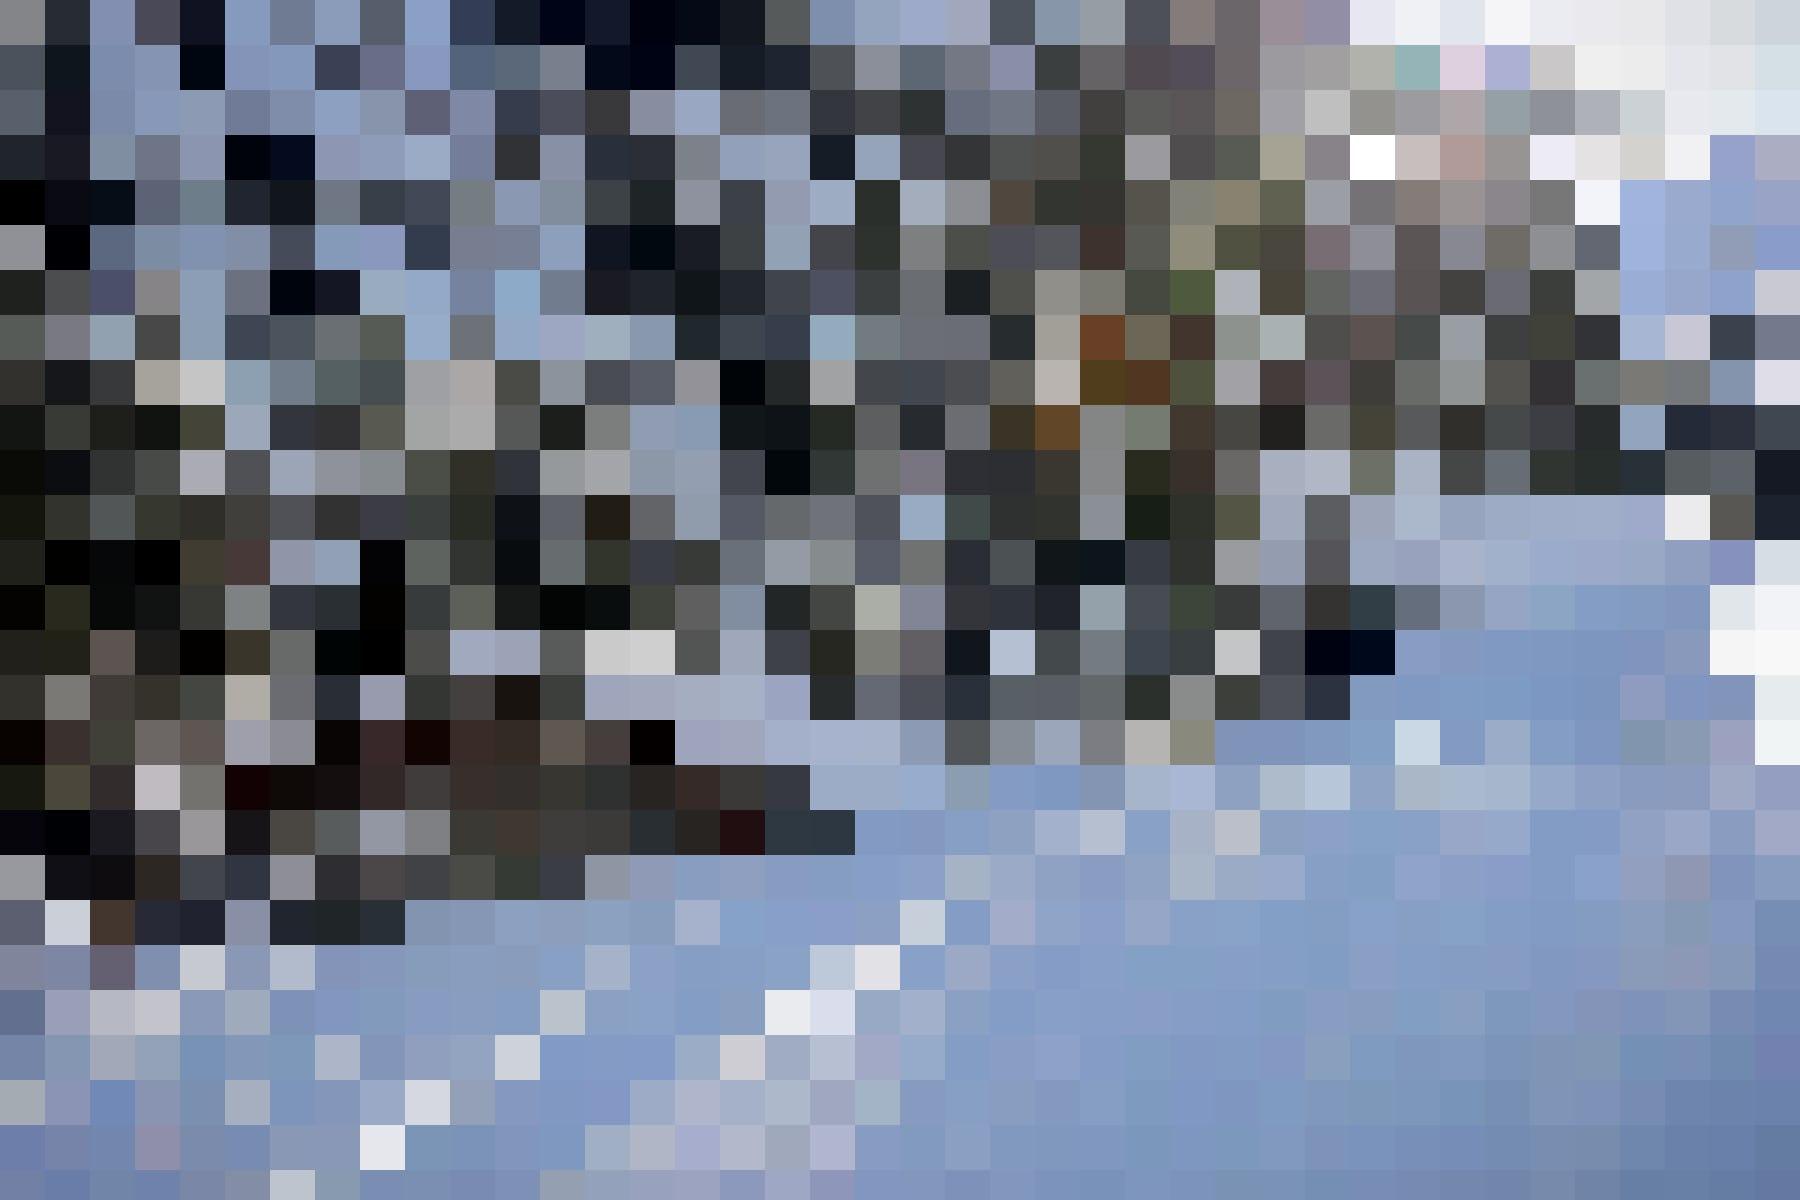 Der Schnee sorgt für absolute Stille. Durchbrechen Sie sie mit Ihren Schritten: Schneebedeckte Landschaft.